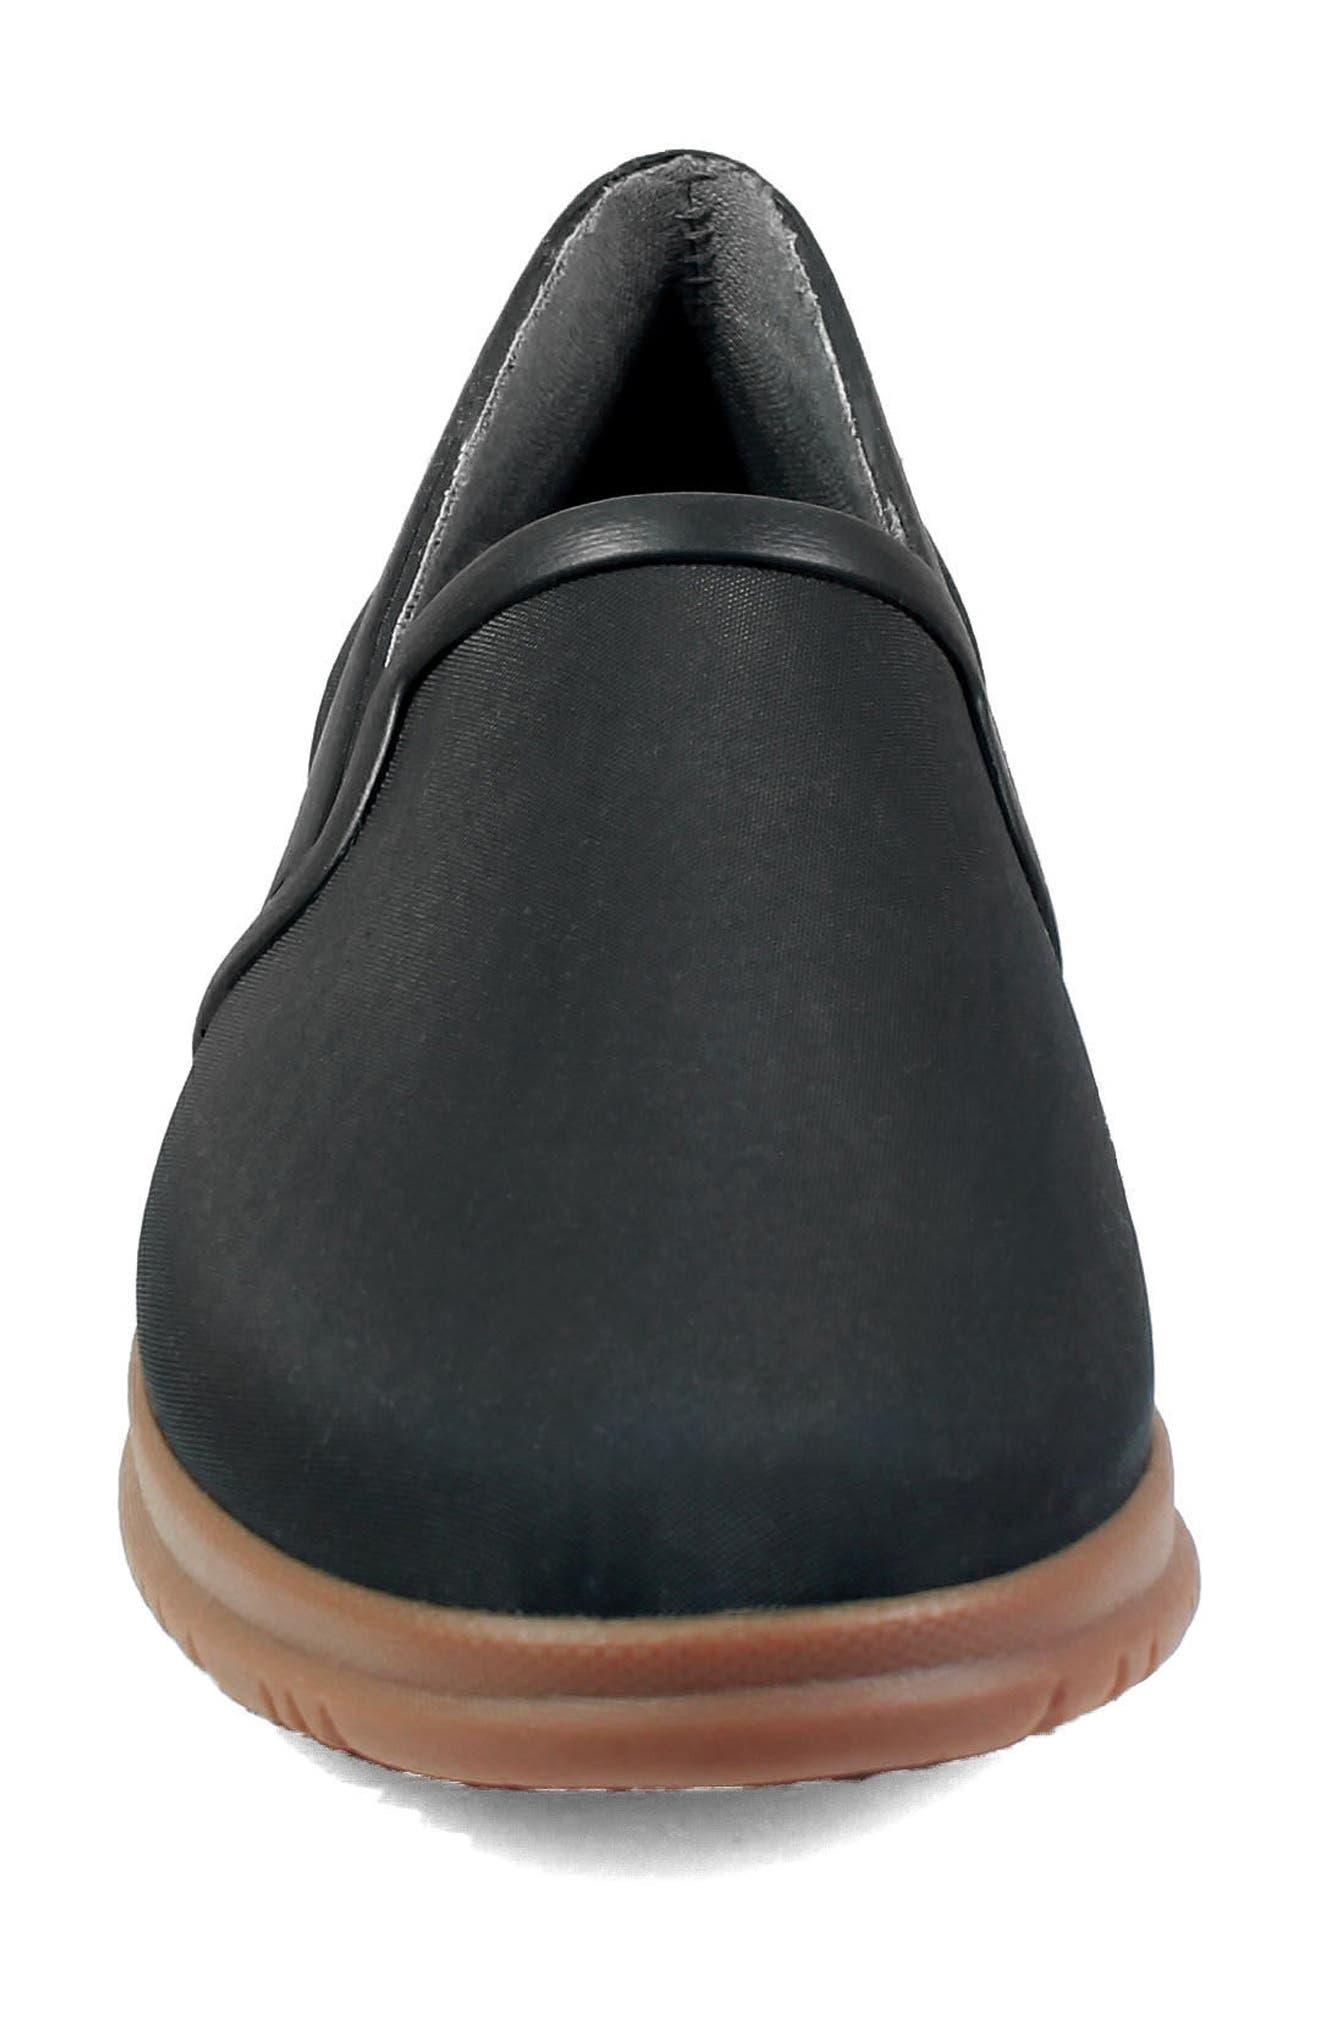 Sweetpea Waterproof Slip-On Sneaker,                             Alternate thumbnail 4, color,                             BLACK FABRIC